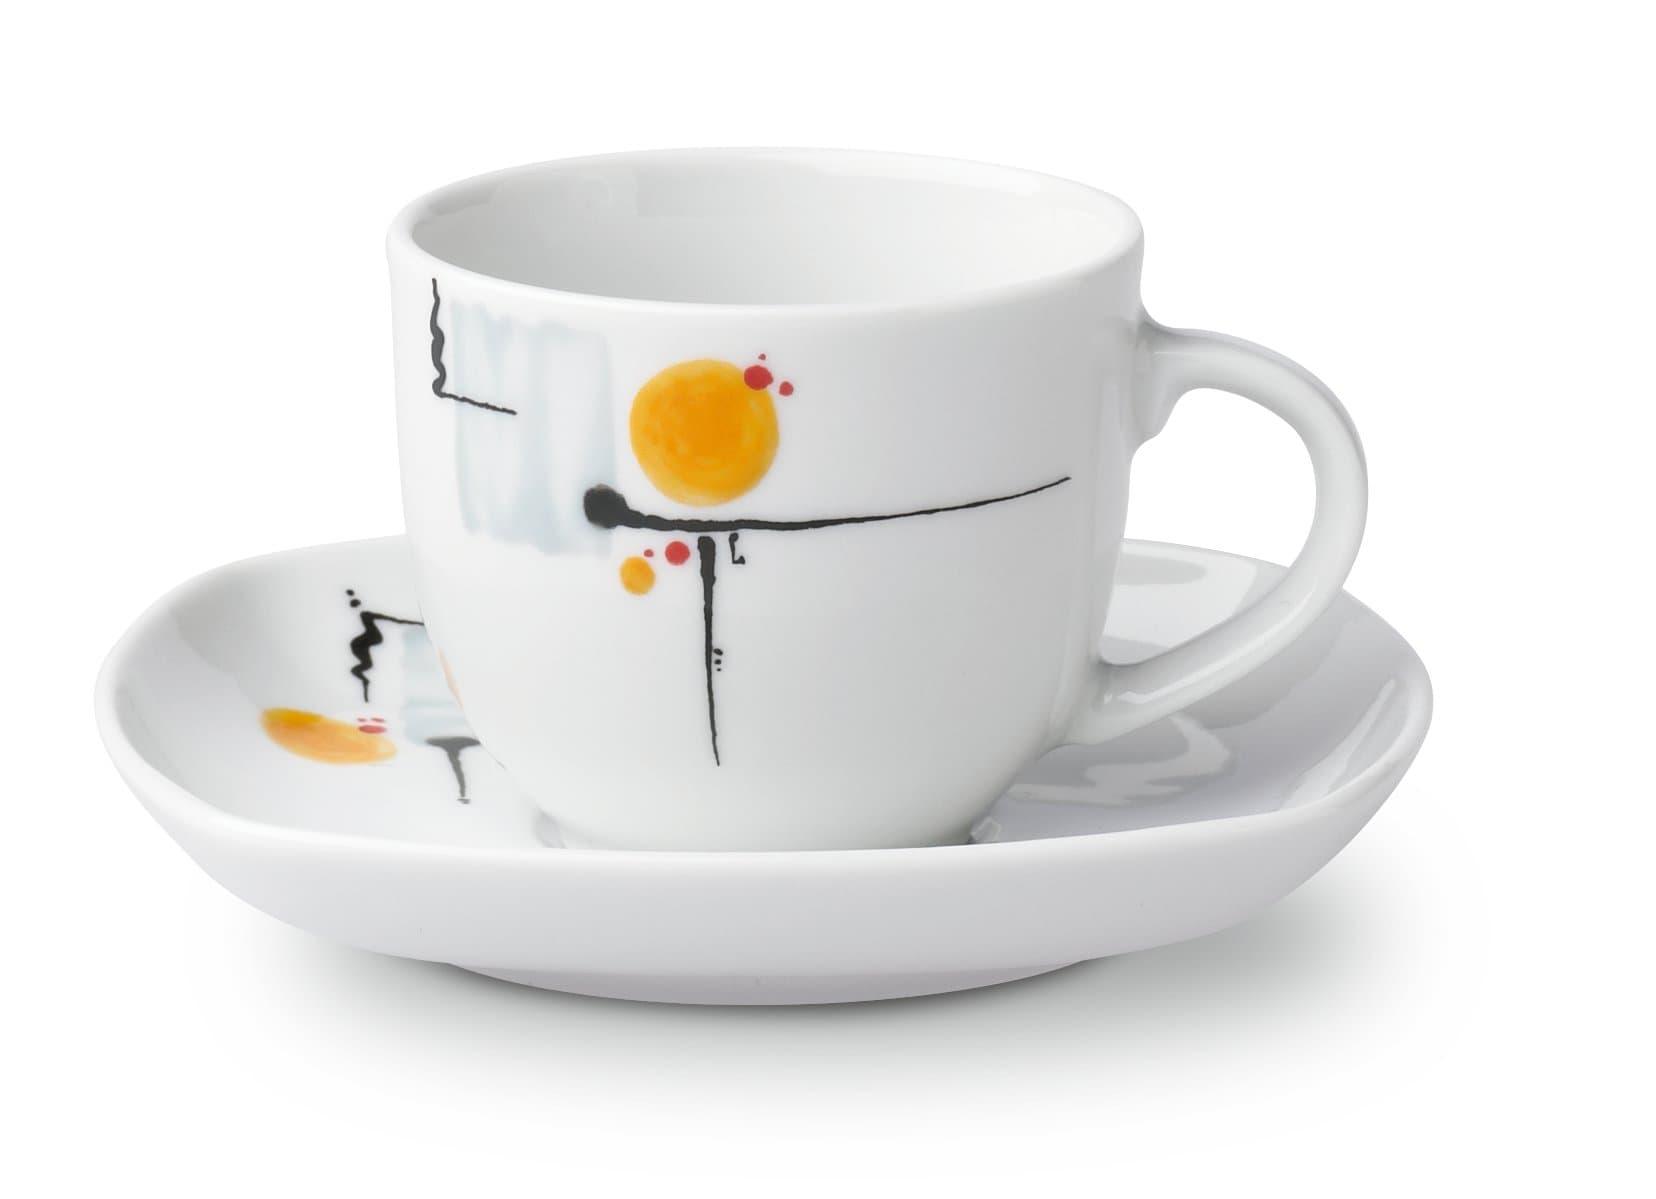 Cucina & Tavola SUNRISE Tazzina da caffè con piattino